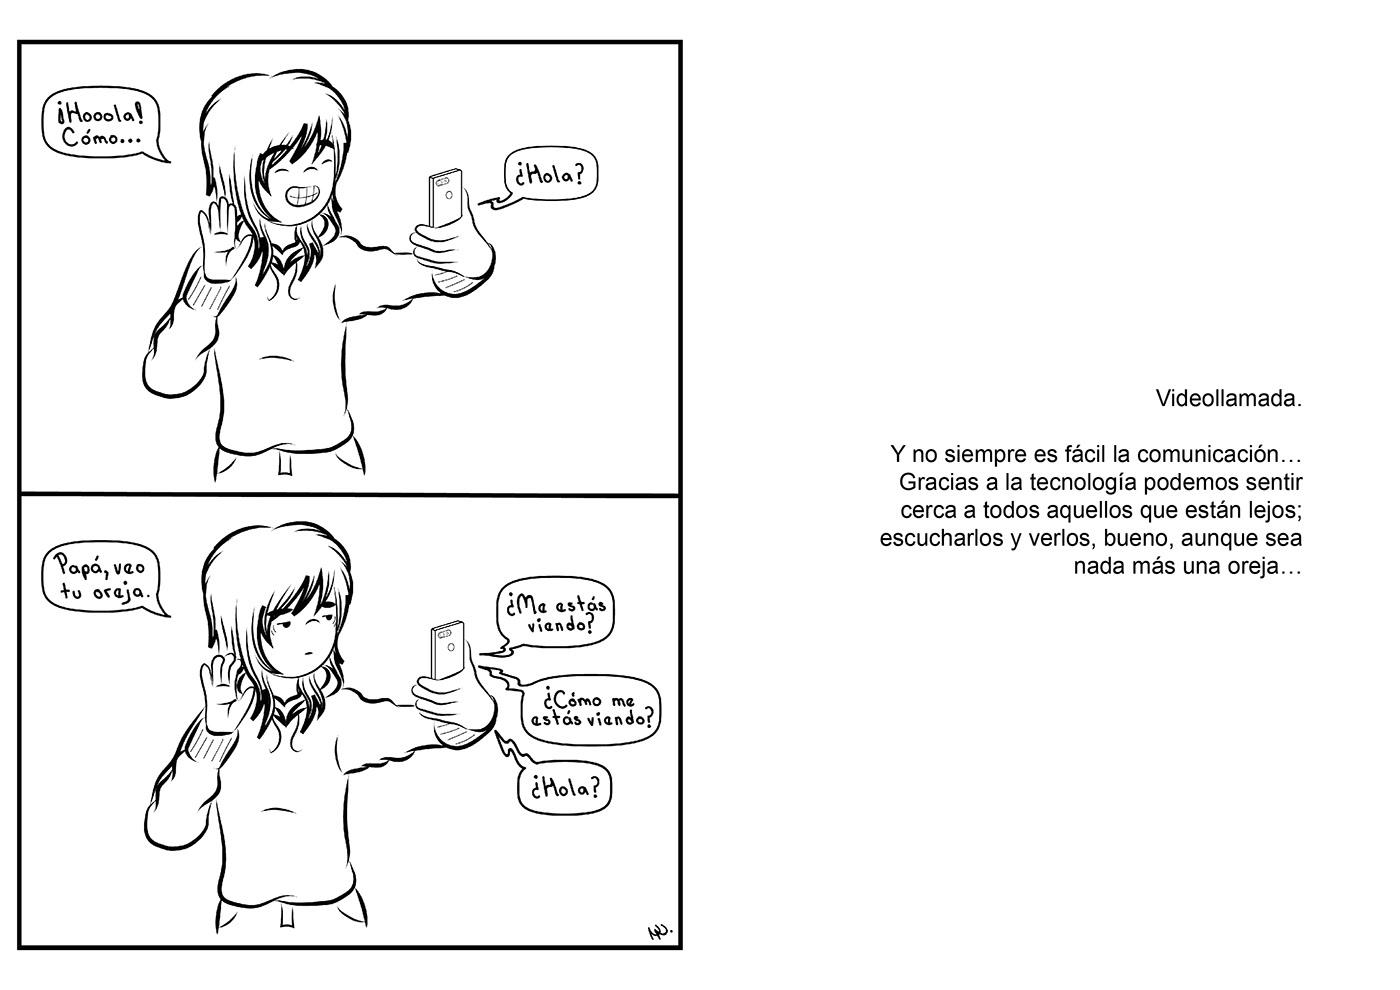 humor gráfico Illustrator ilustracion ilustración digital latinos por el mundo Migración revista viñeta comic